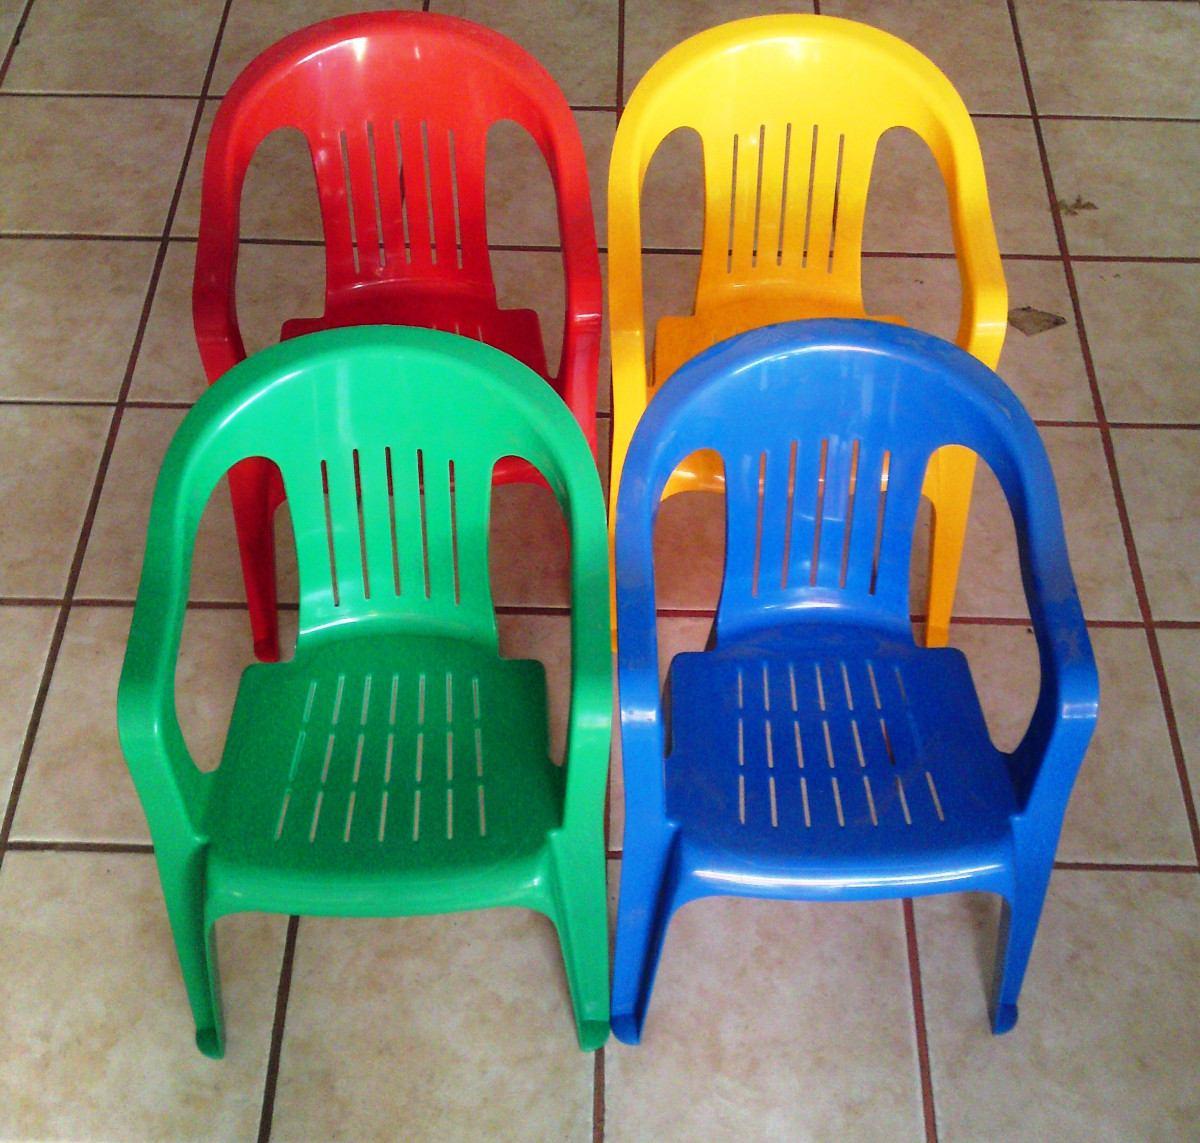 Sillas de plastico infantil en colores ni os de 2 a 8 a os for Silla para coche nino 4 anos